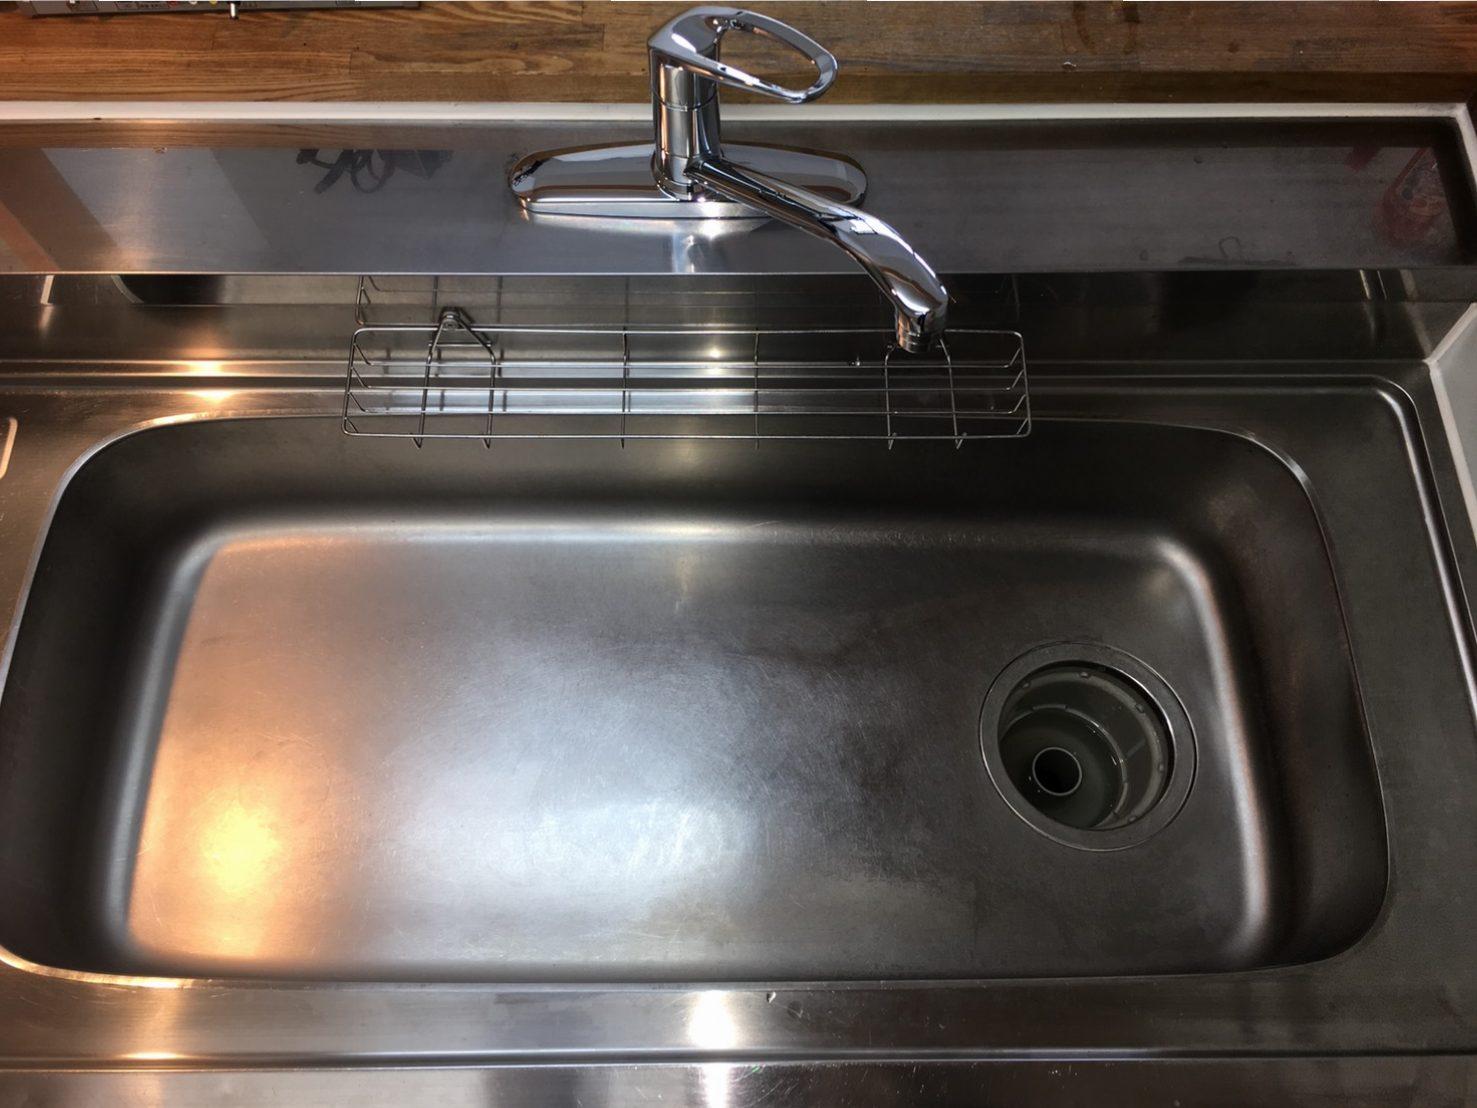 川西市 キッチン(台所)「シンクのお掃除」ハウスクリーニング/おそうじ おそうじプラス